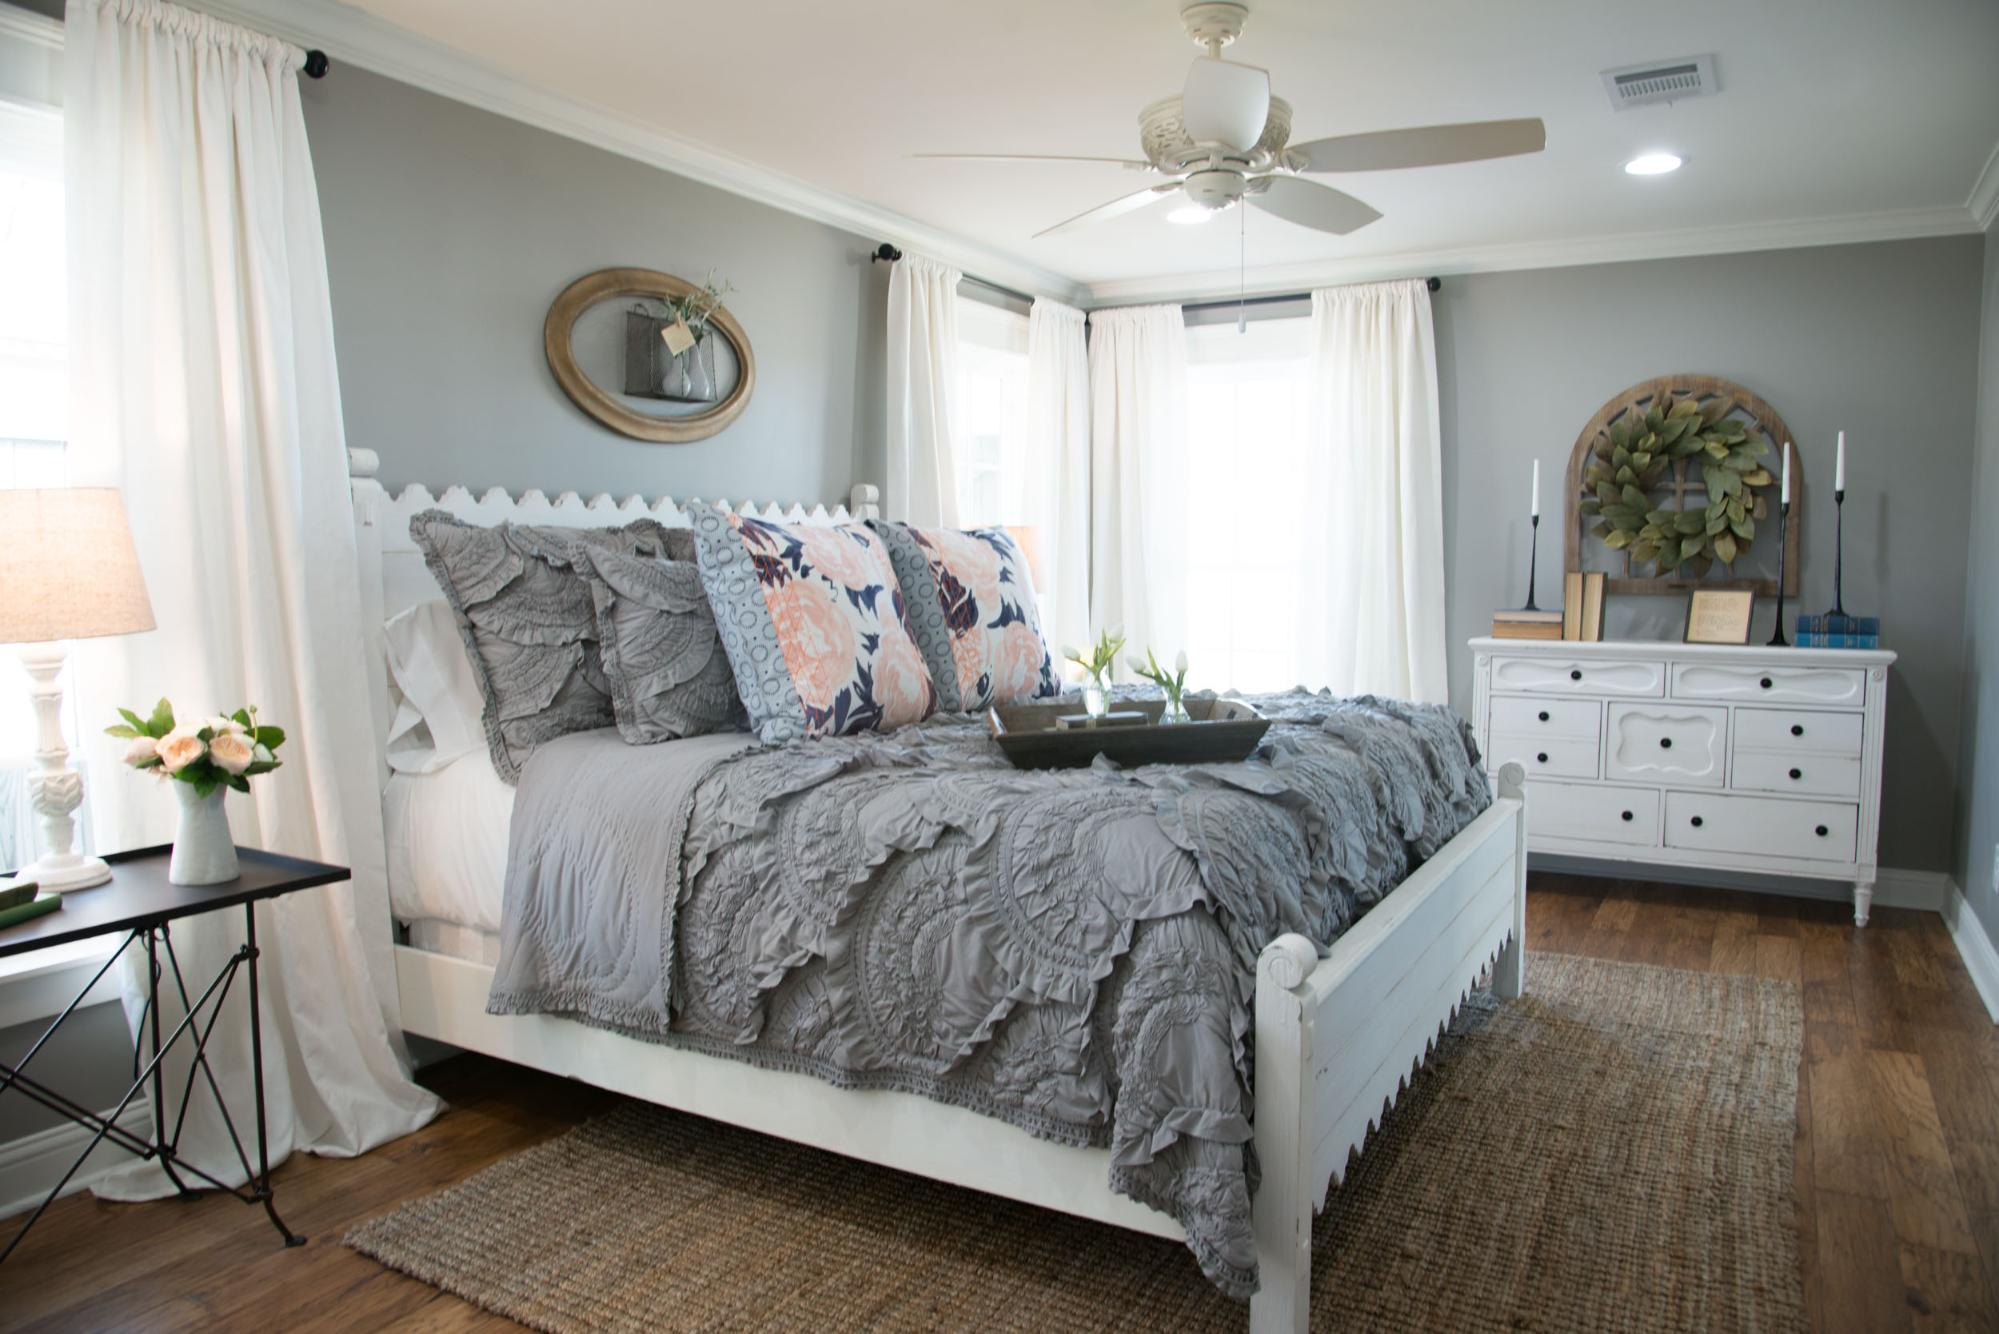 Top 10 Fixer Upper Bedrooms